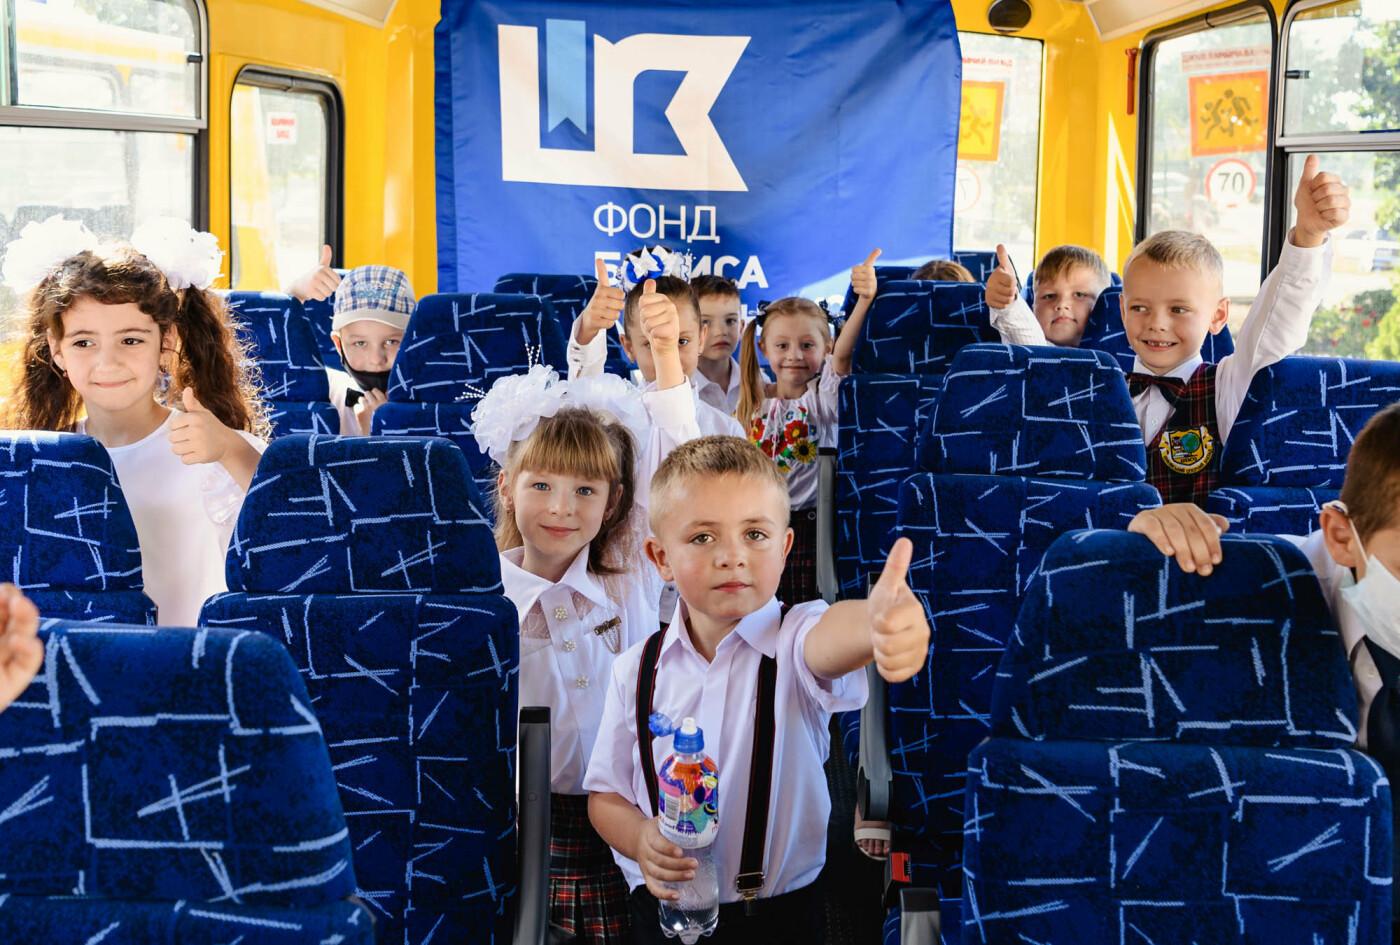 Как прошел День знаний на Донбассе: торжественные линейки и подарки от звезд хоккея, фото-11